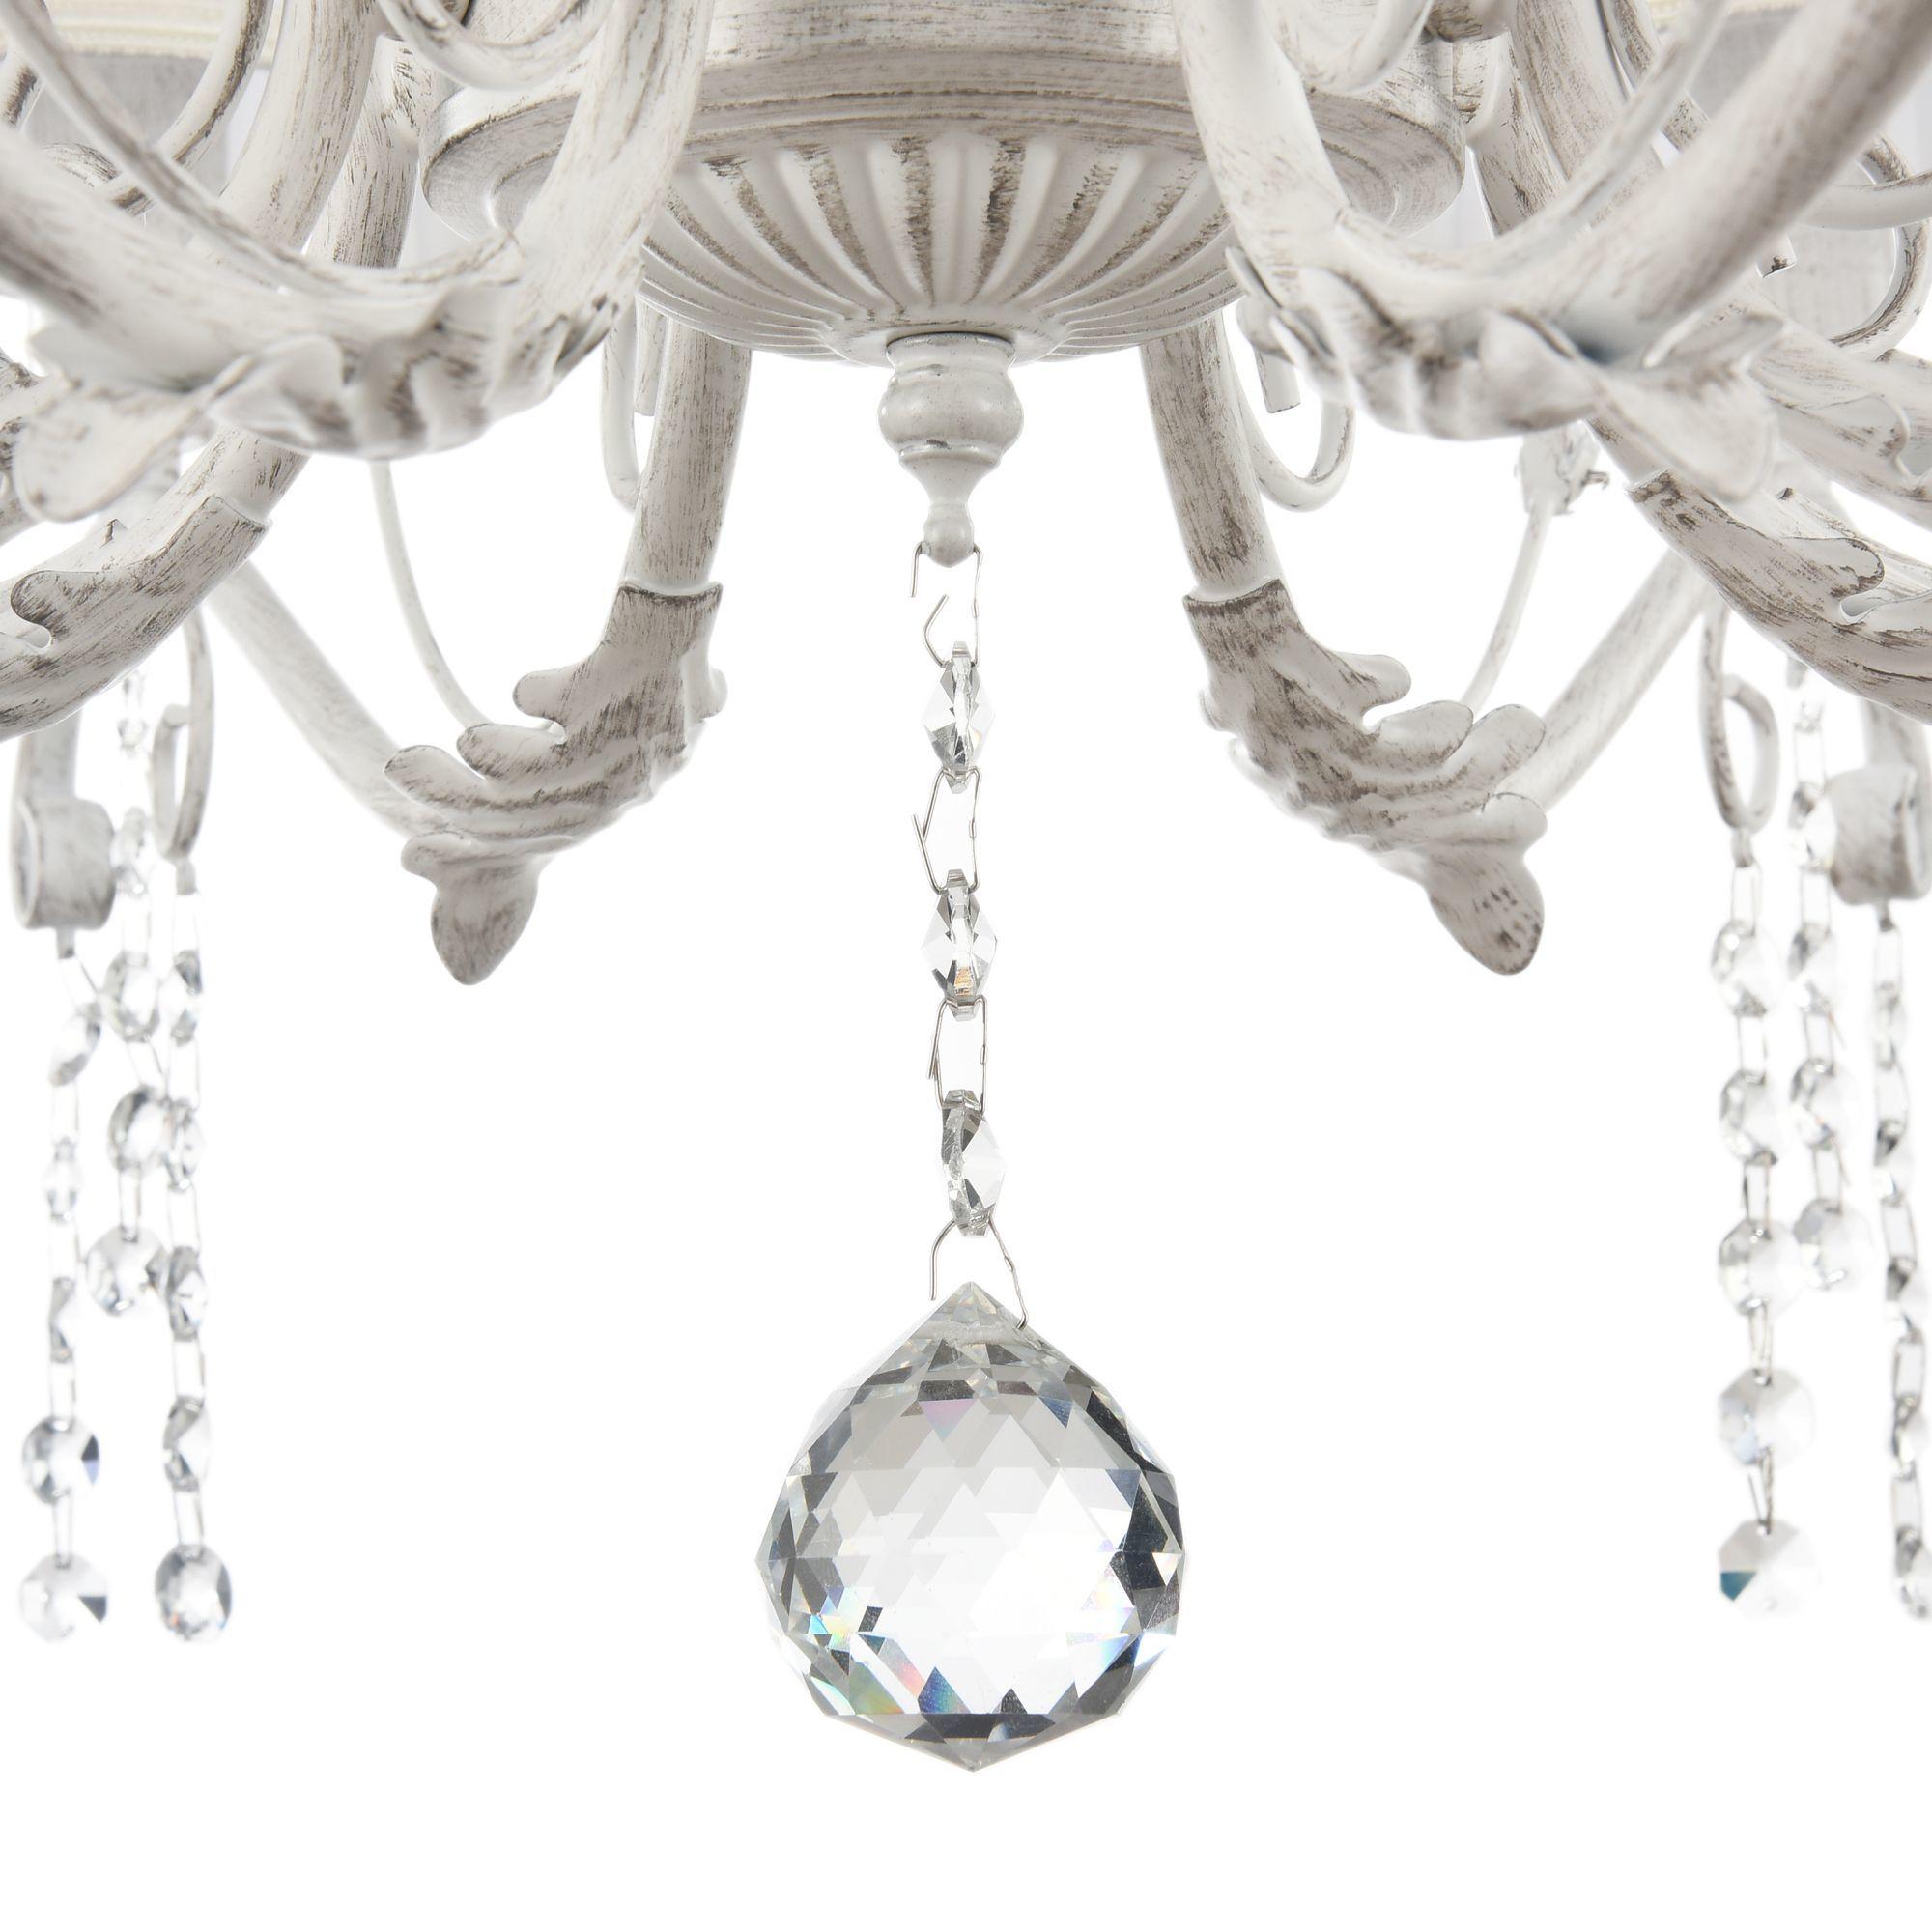 Подвесная люстра Freya Liviano FR2613-PL-08-W (FR613-08-WG), 8xE14x40W, белый с золотой патиной, белый, прозрачный, металл, текстиль, хрусталь - фото 6